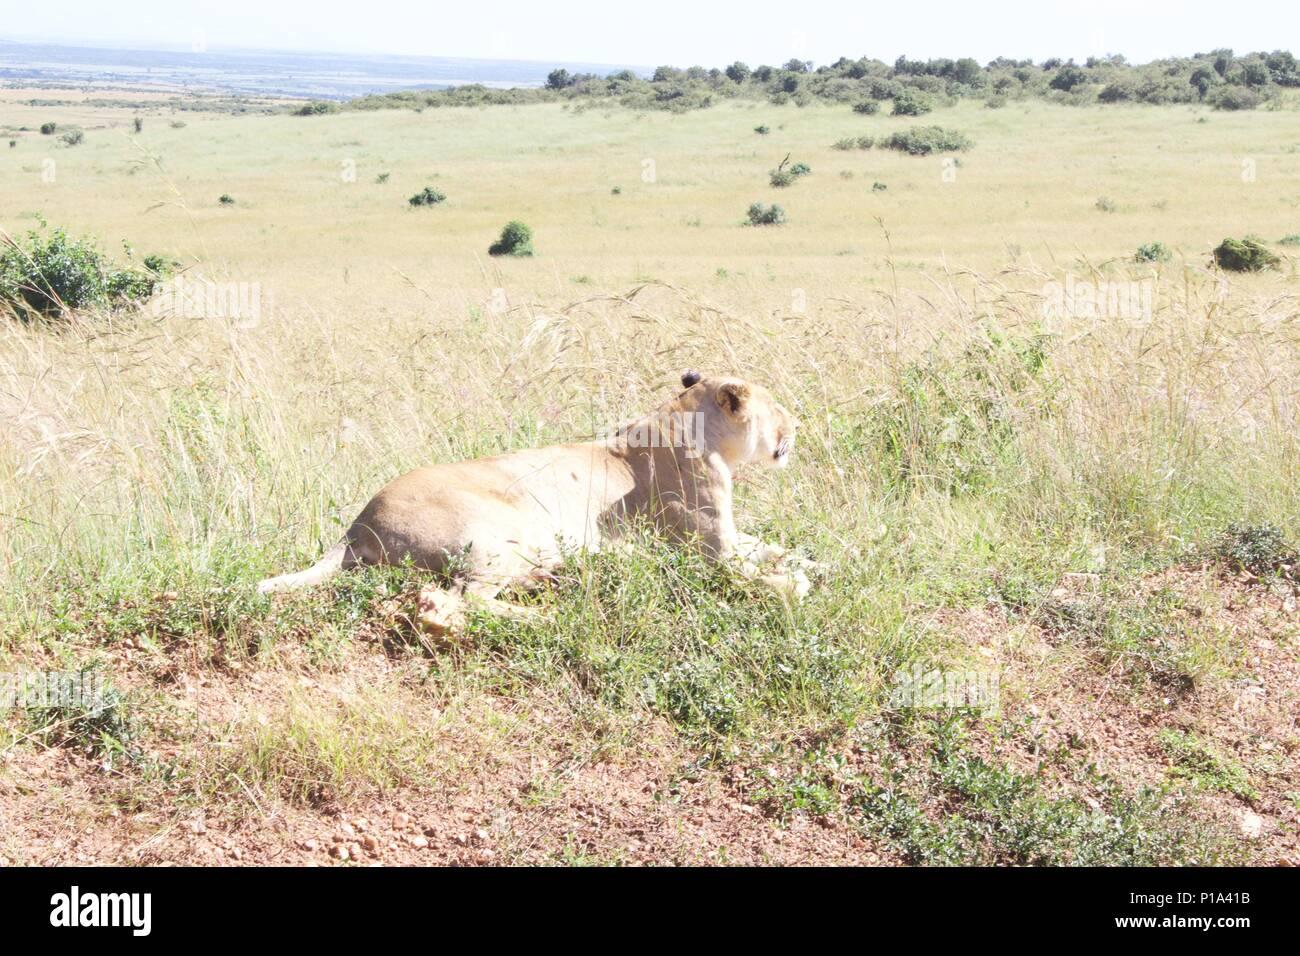 Views from Masai Mara kenya - Stock Image